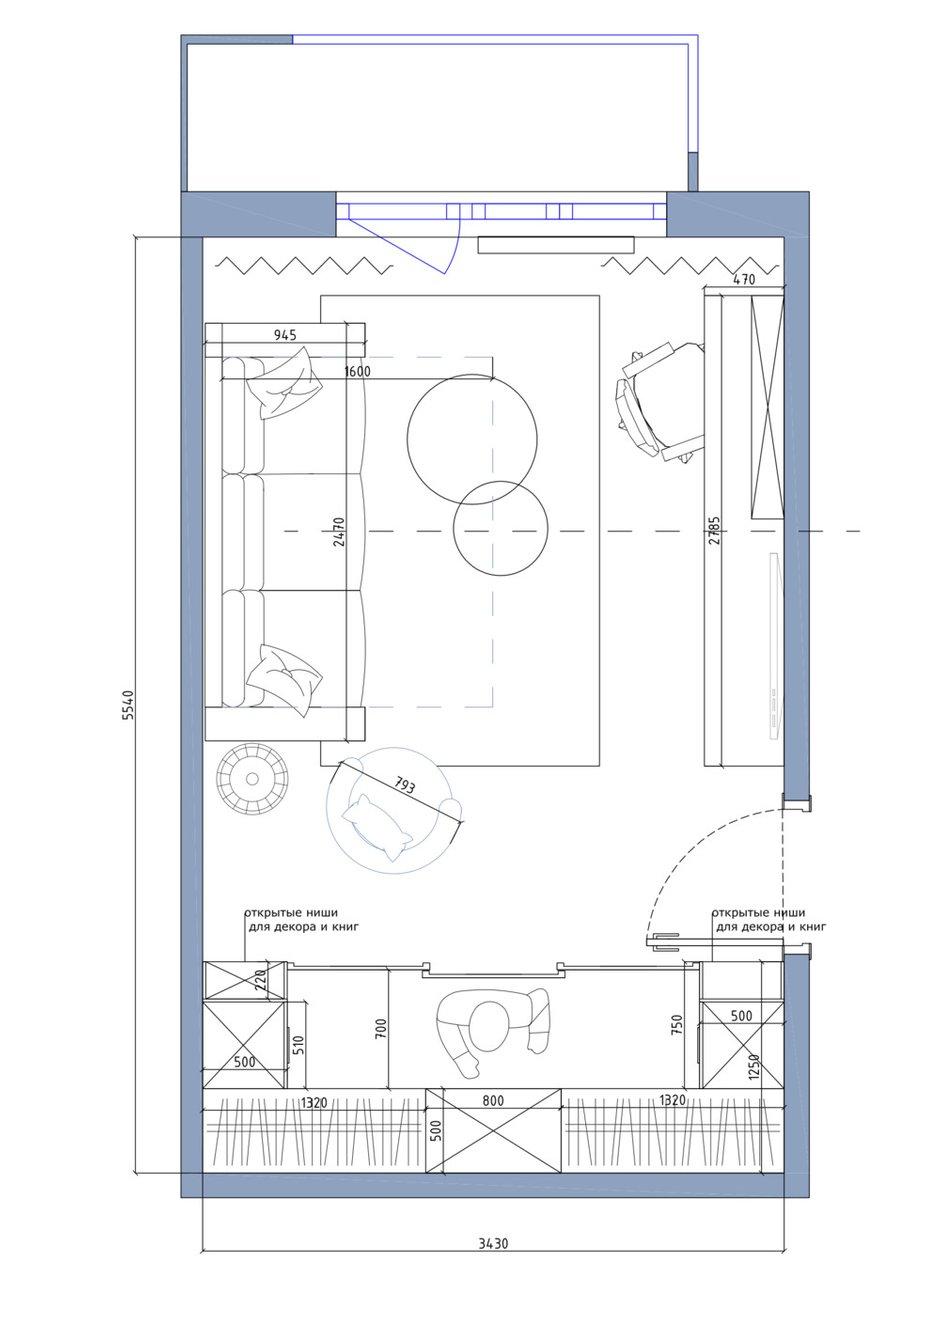 Фотография:  в стиле , Квартира, Перепланировка, Панельный дом, 1 комната, до 40 метров, Мария Лазич, Leroy Merlin, дизайн-баттл, П-44Т, Марина Подъячева – фото на INMYROOM